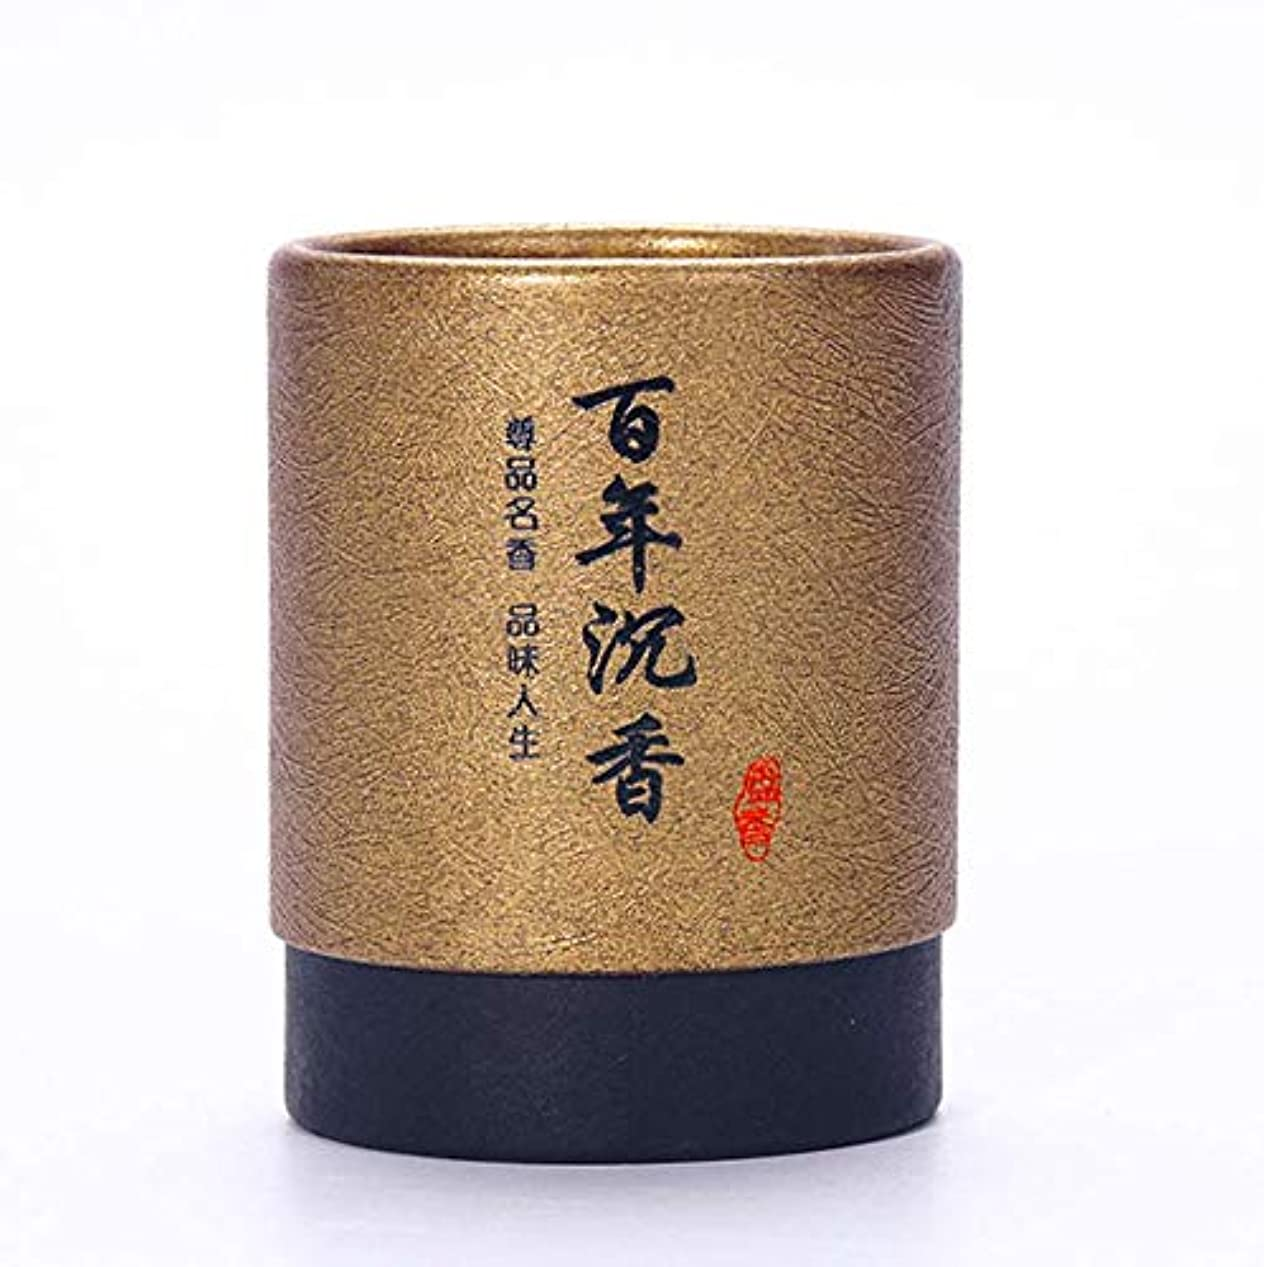 王女リファインに対処するHwaGui お香 2時間 盤香 渦巻き線香 優しい香り 48巻入 沉香(百年沈香)